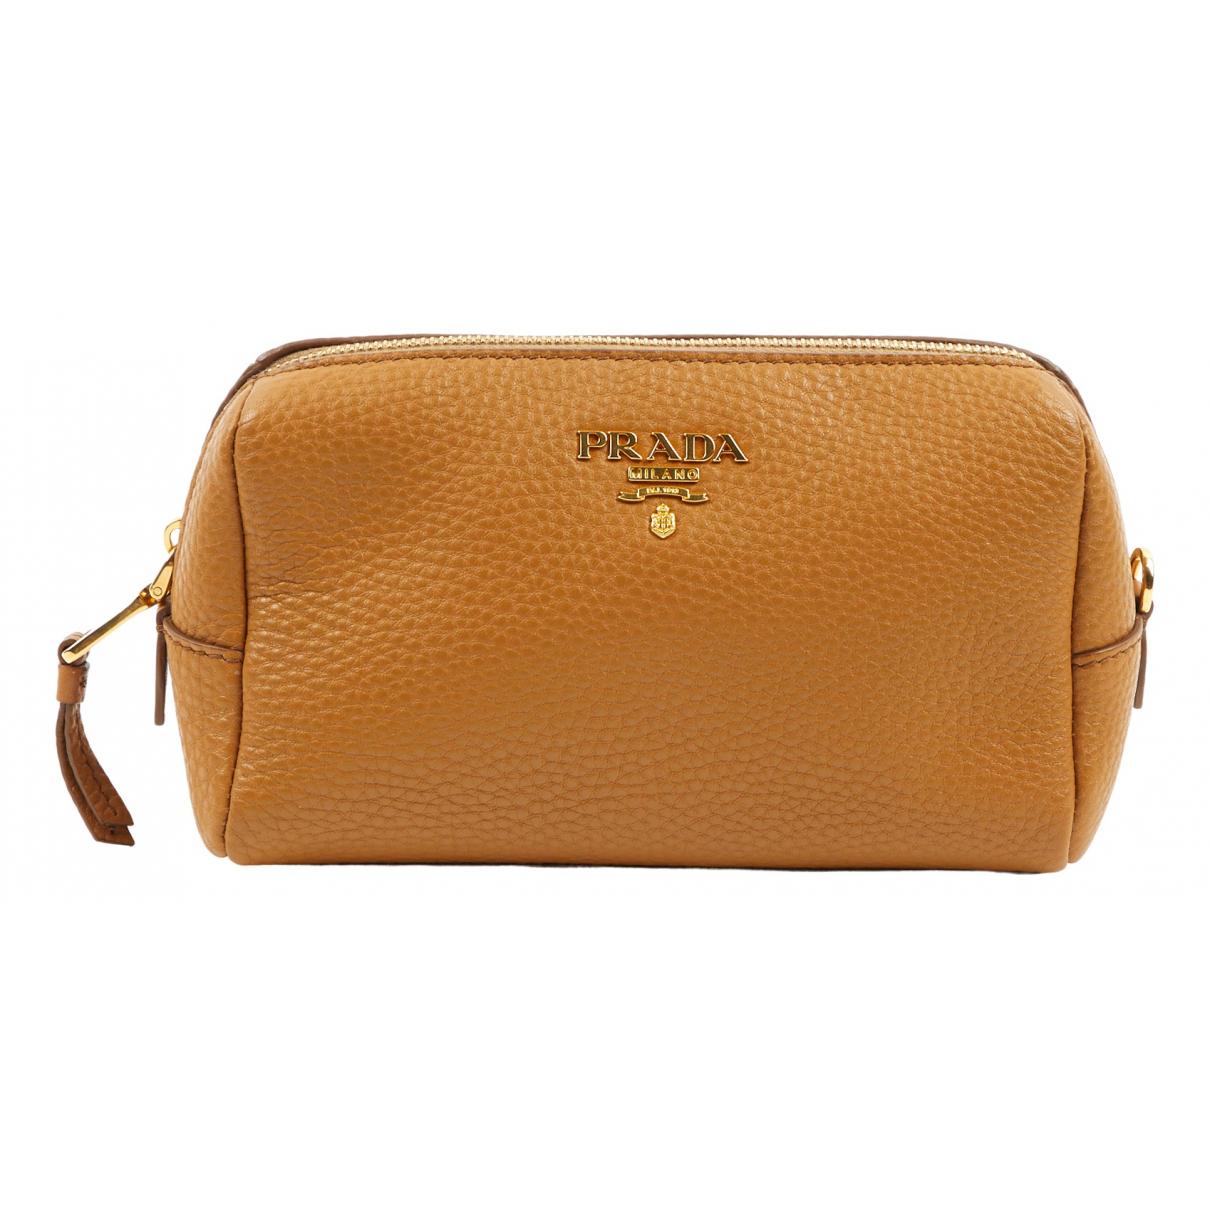 Prada N Camel Leather Clutch bag for Women N